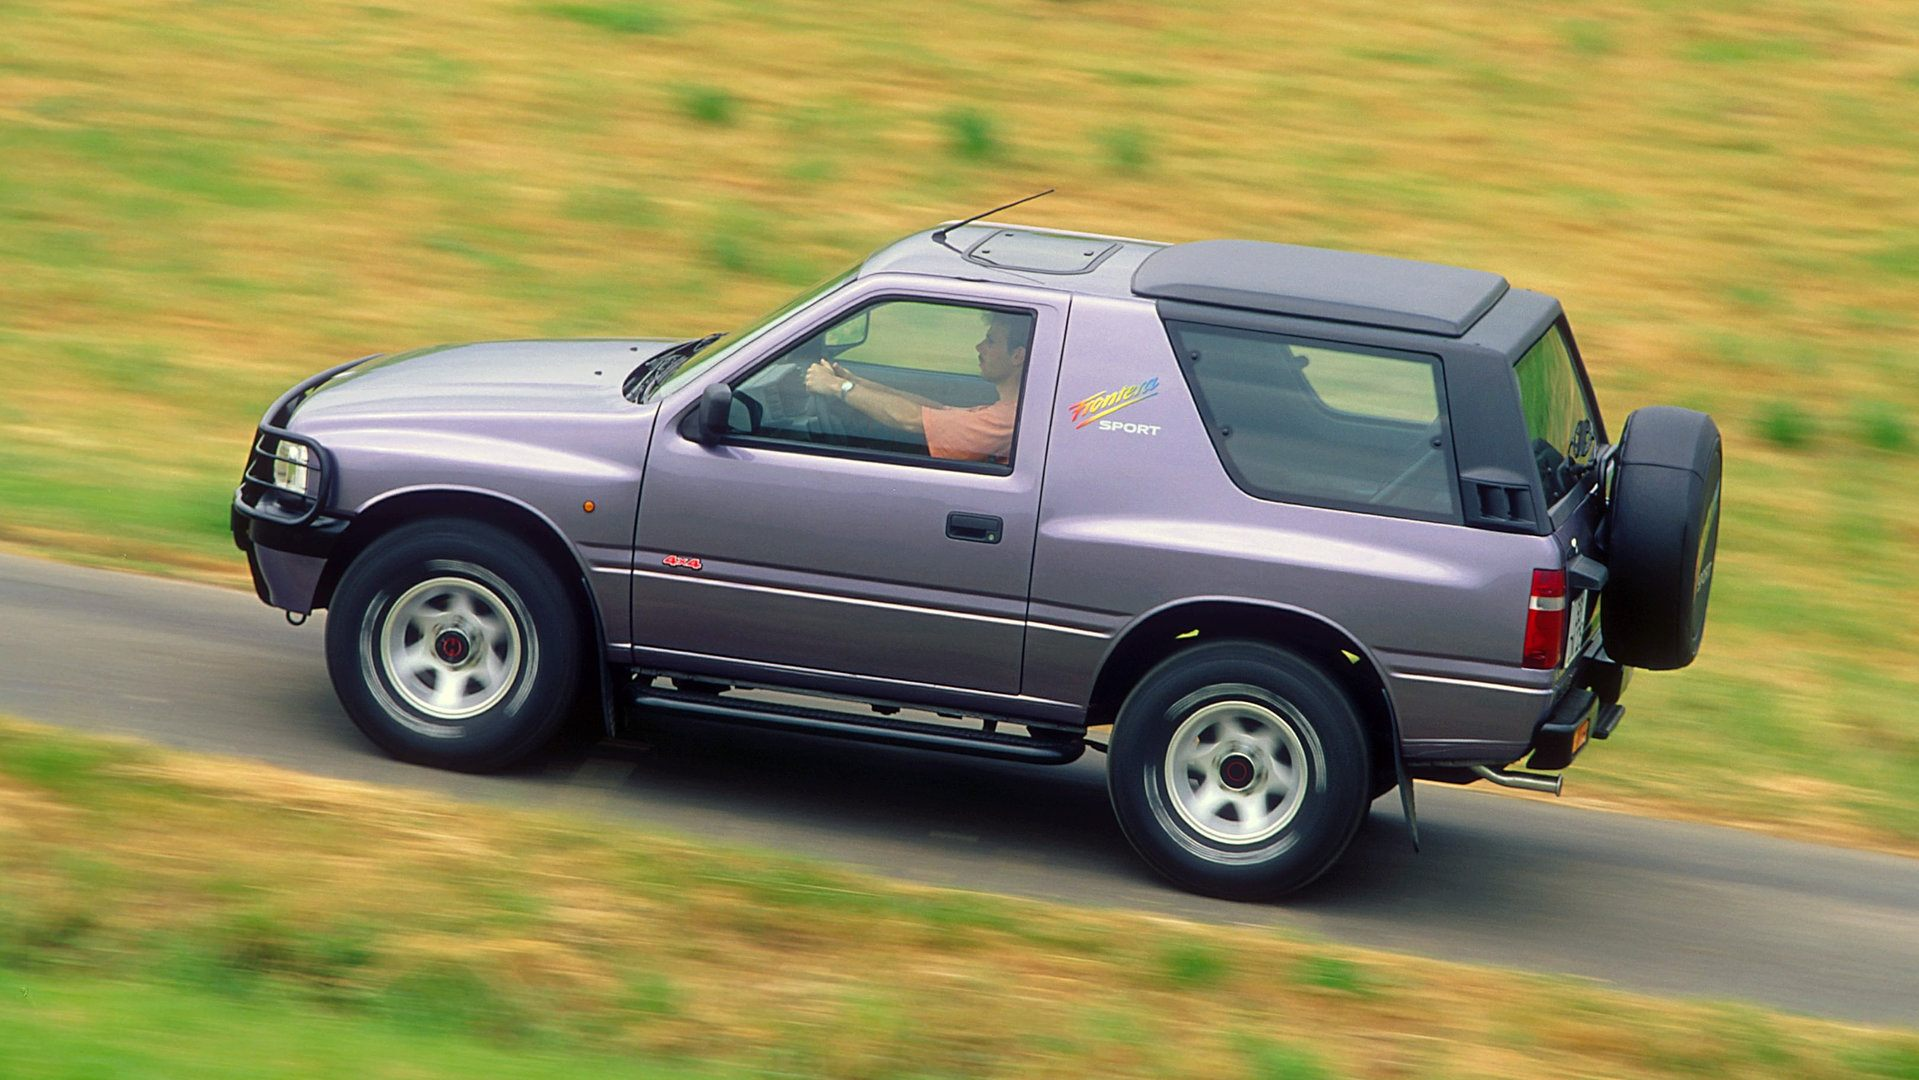 Opel Frontera Sport A 3